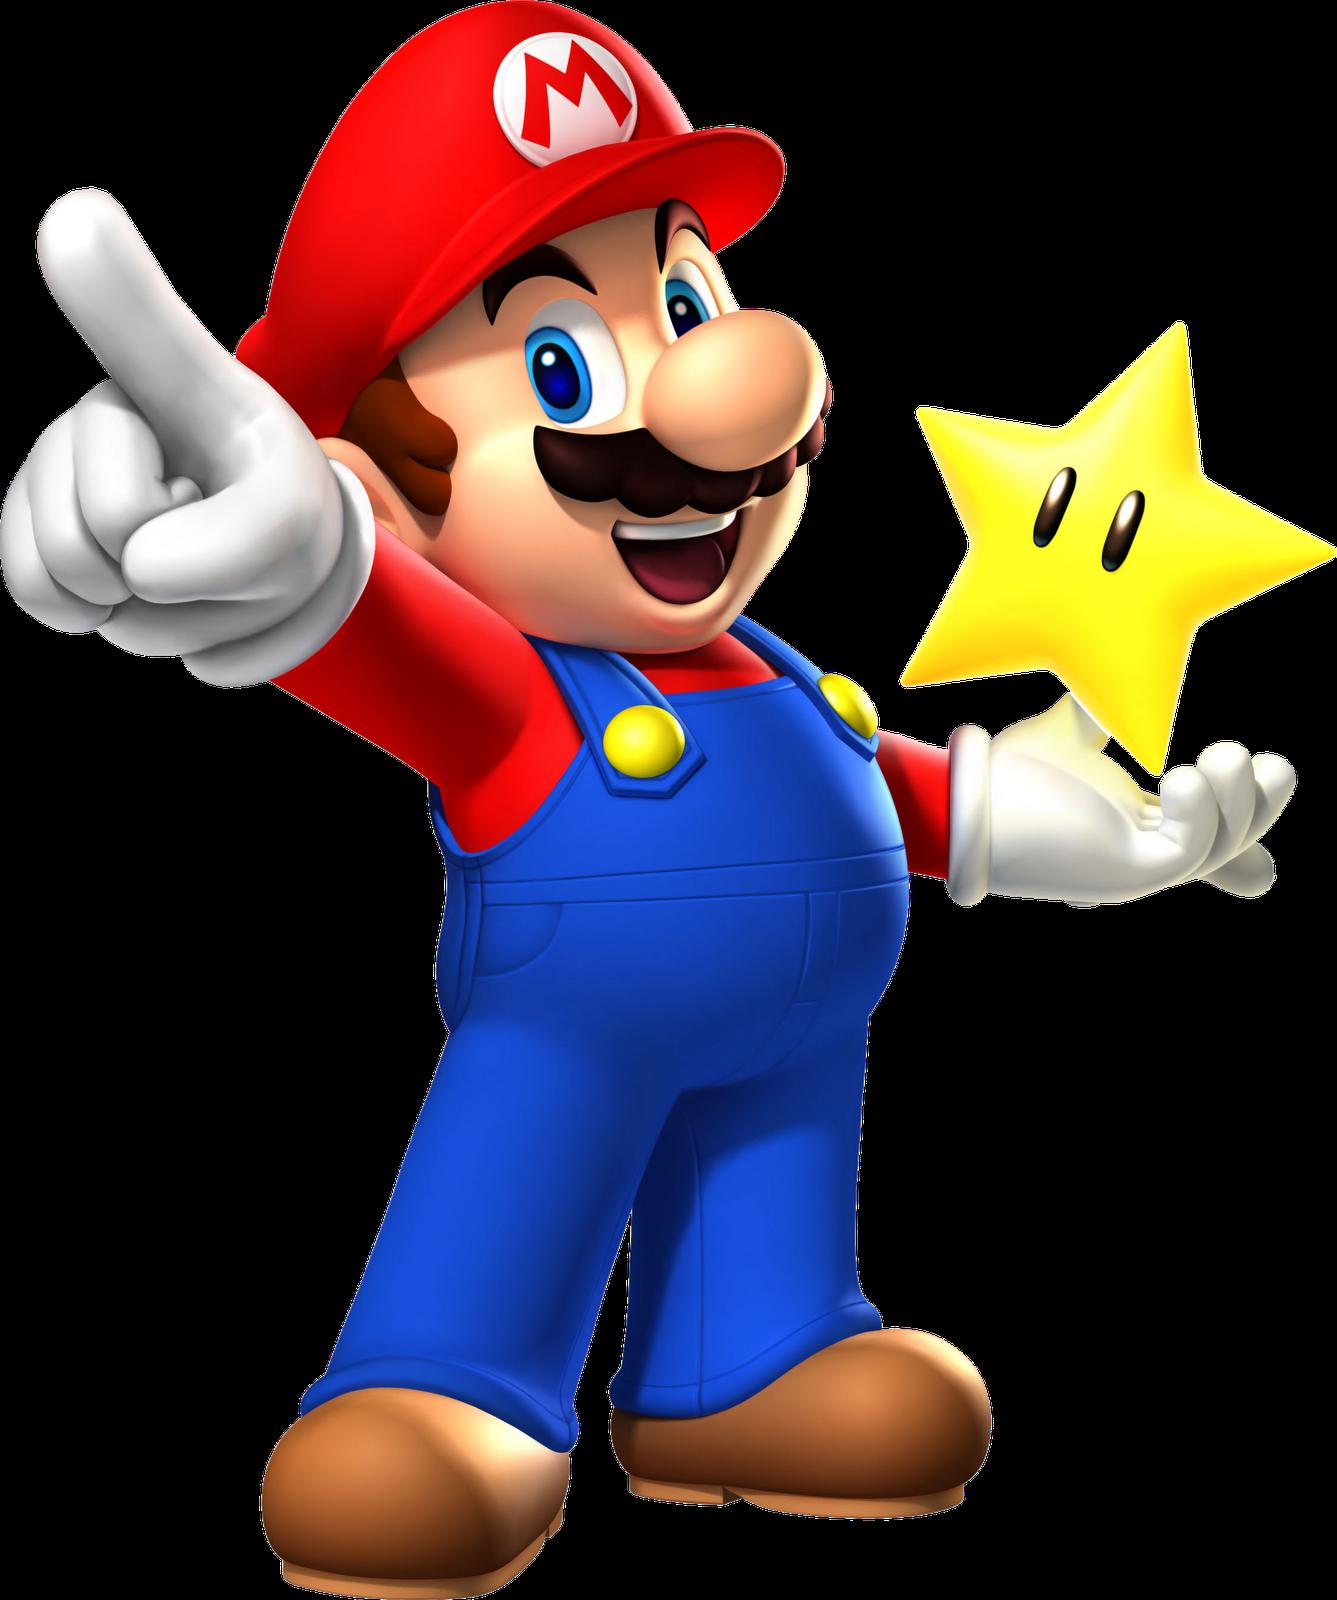 Imagen - Mario Star.png - Super Mario Wiki - La ...